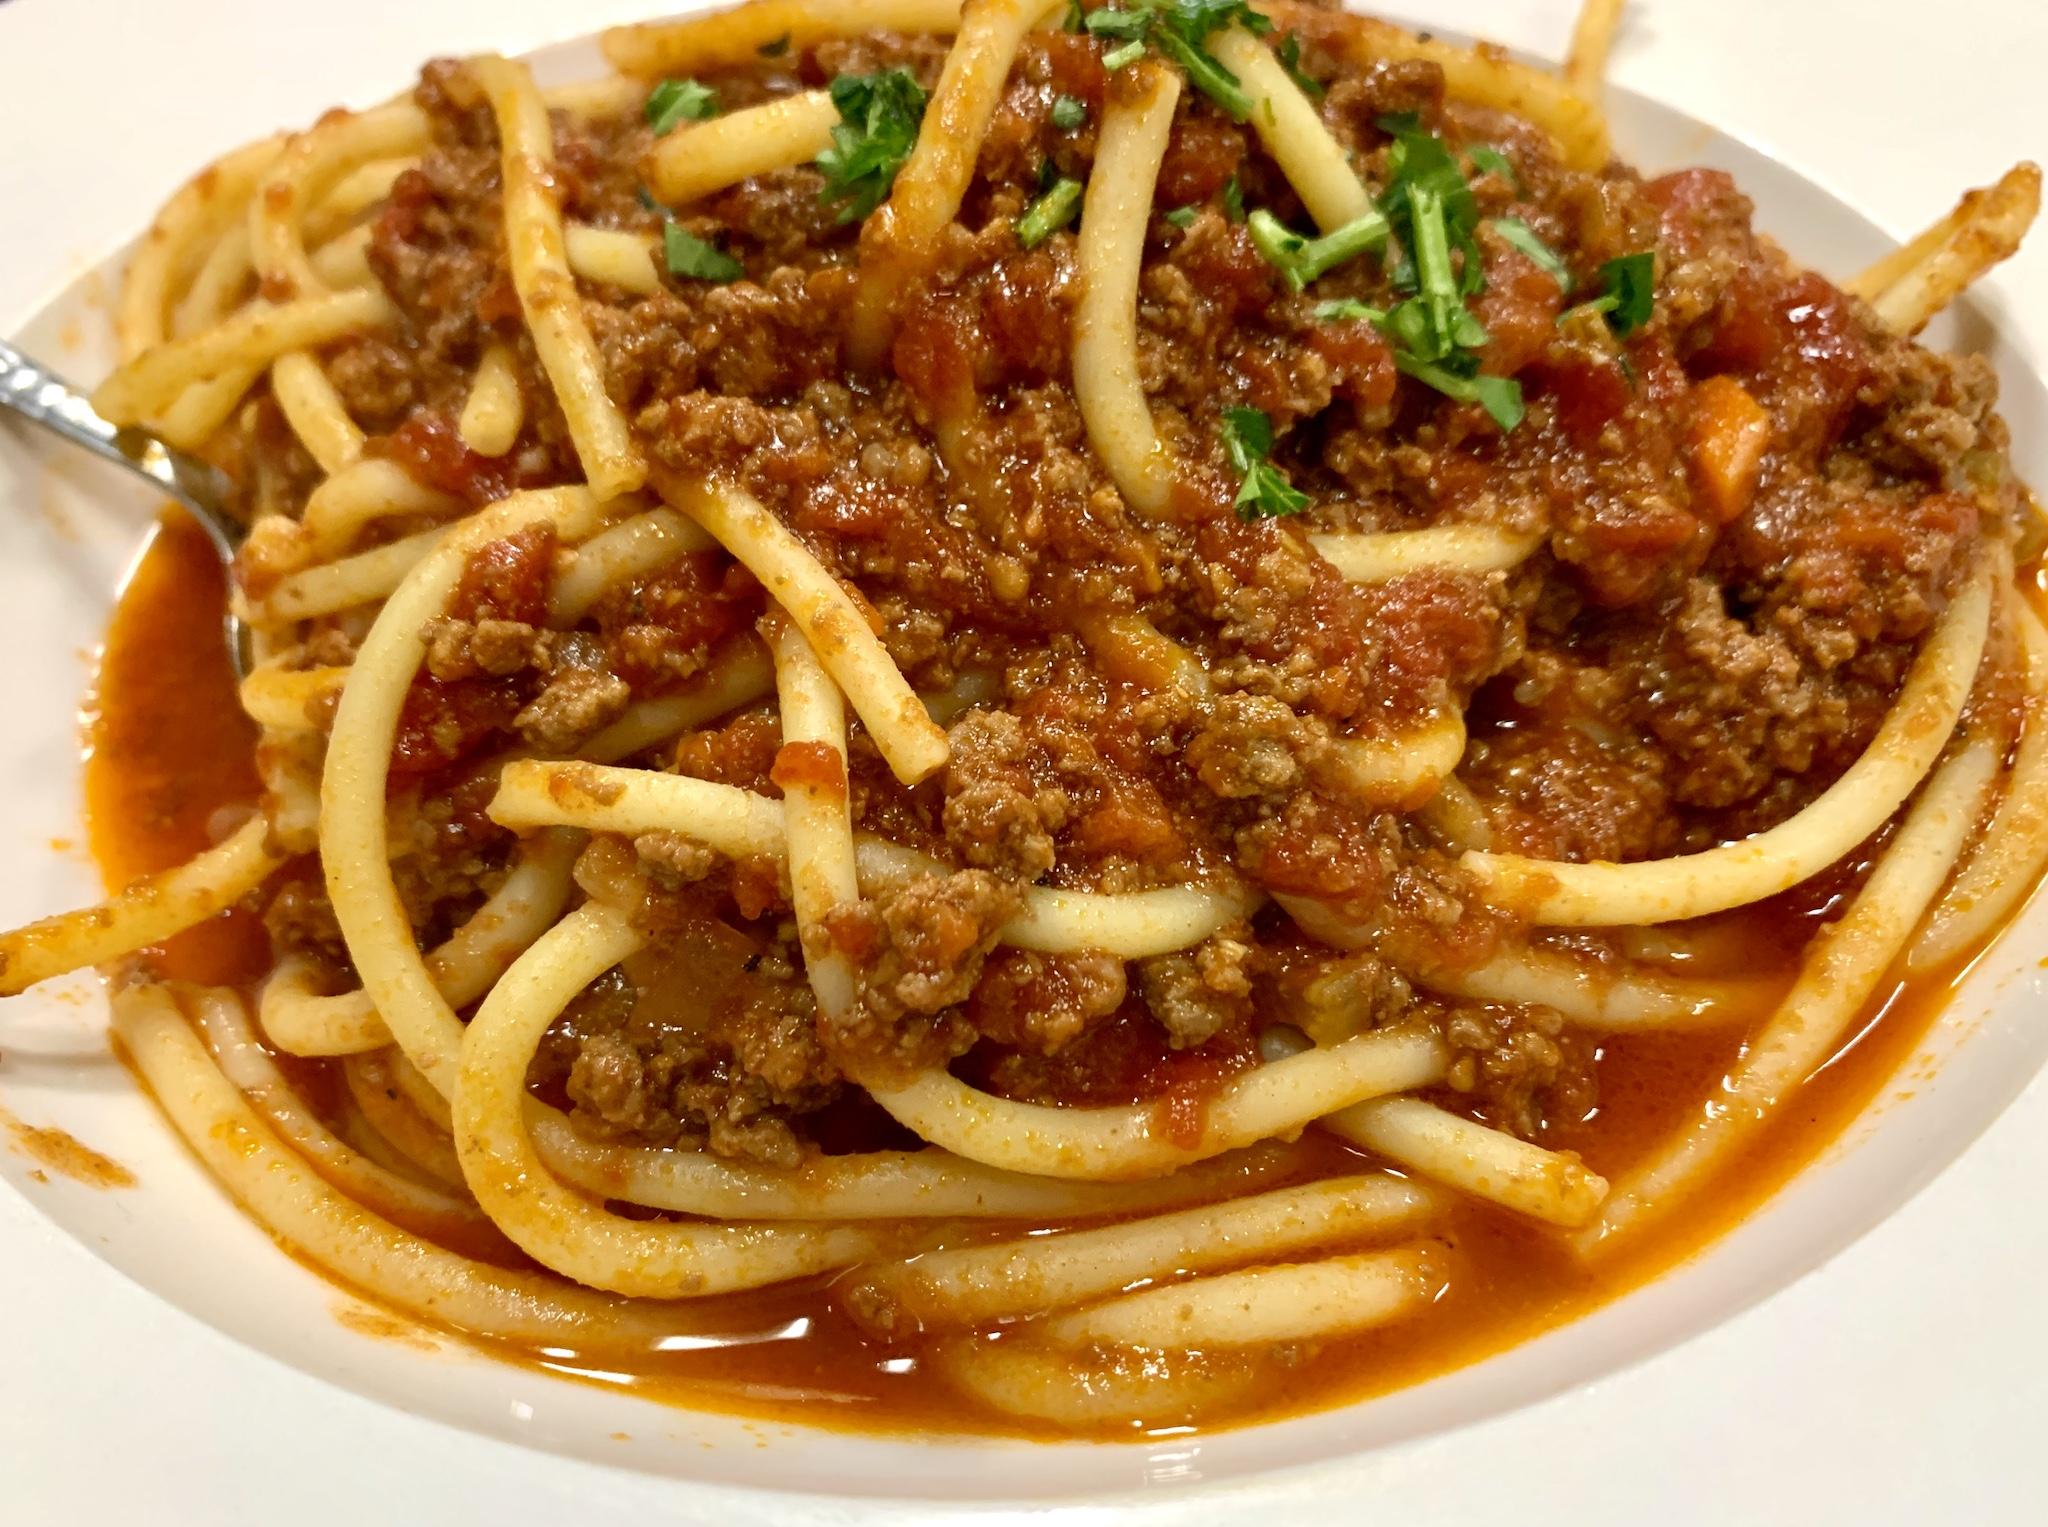 Verducci's Buccatini Alla Bolognese